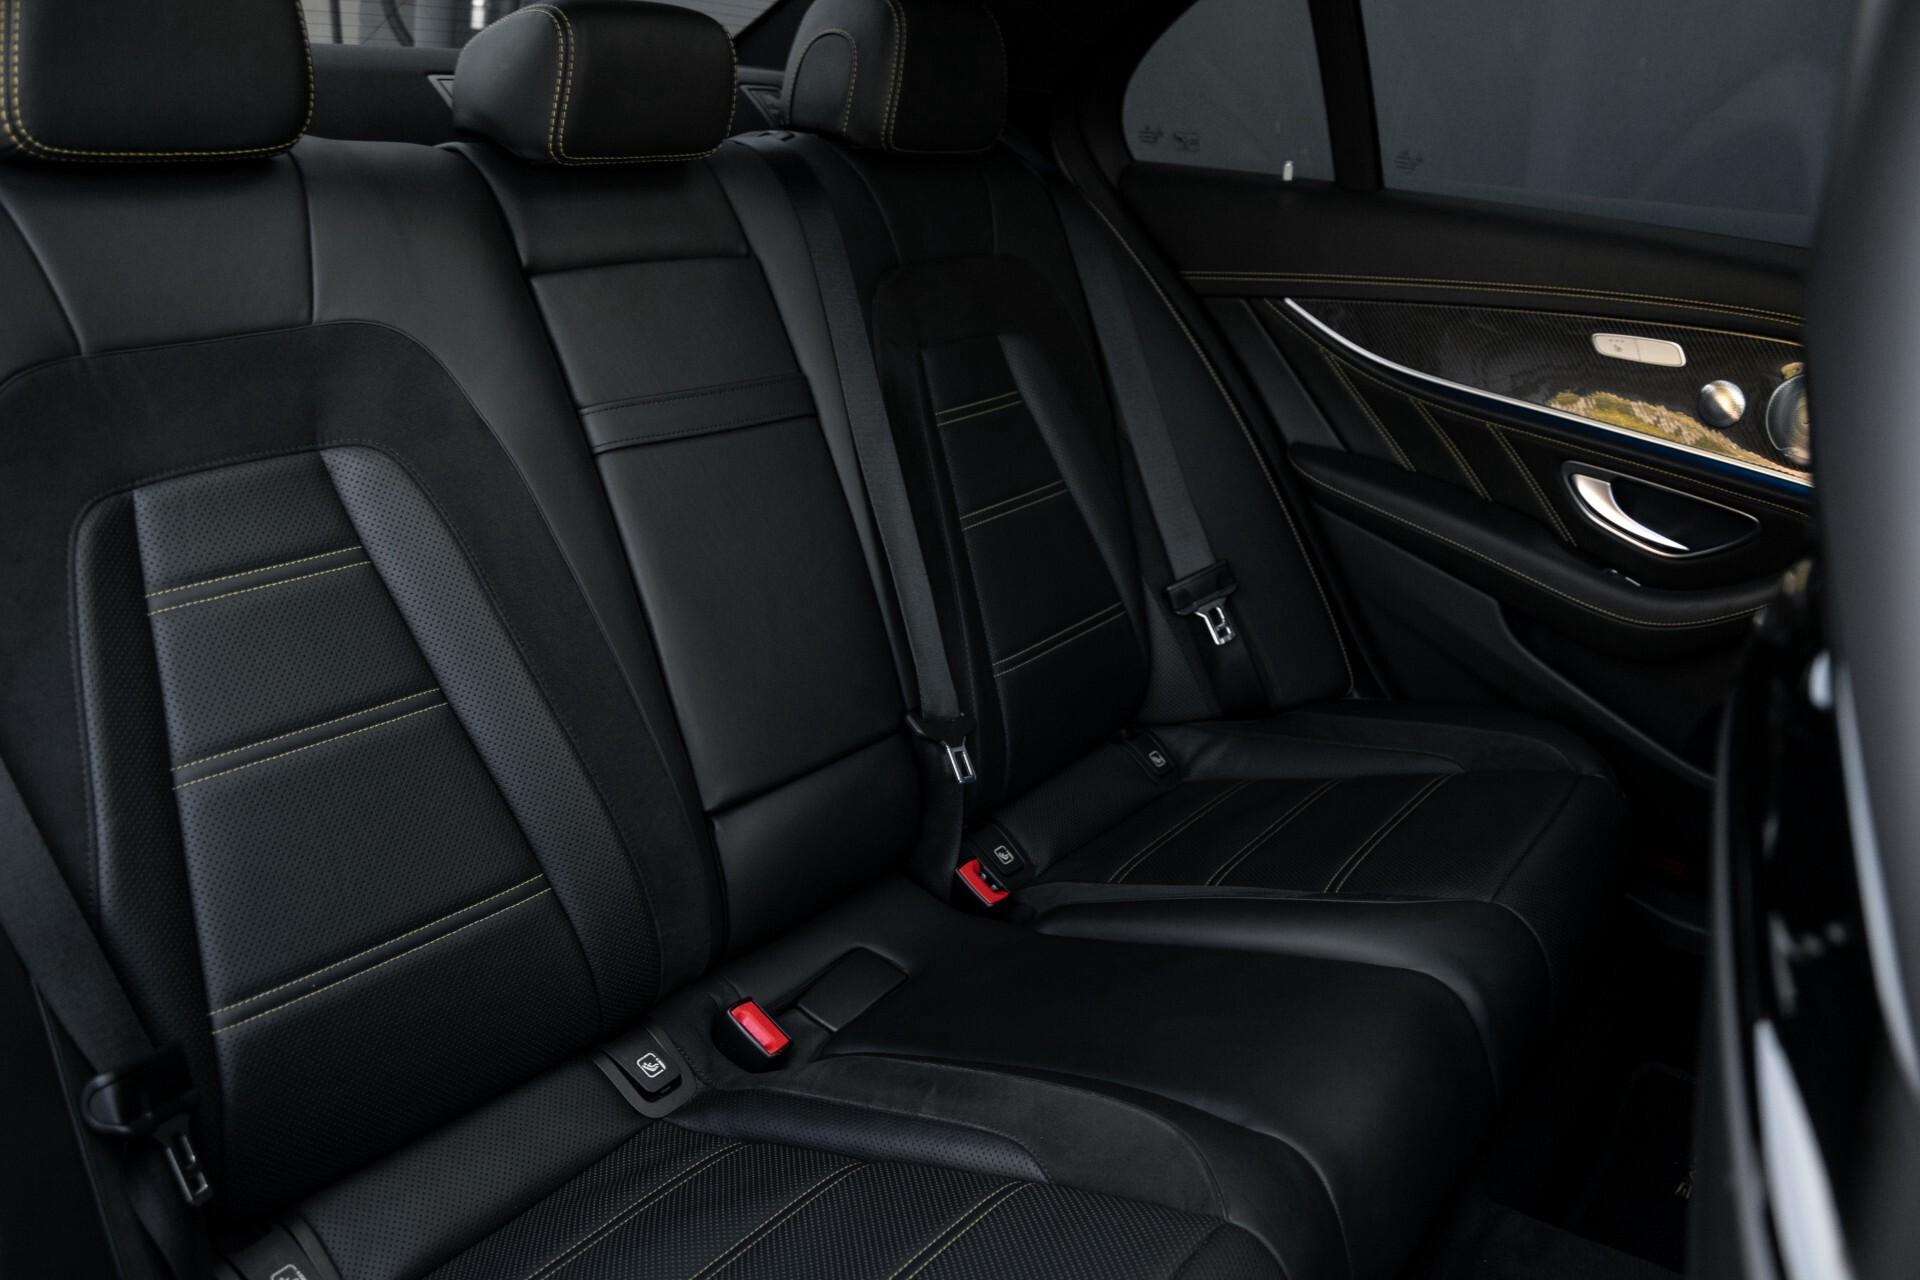 Mercedes-Benz E-Klasse 63 S AMG 4-Matic+ Edition 1 Matzwart/Carbon/Full Options Aut9 Foto 4